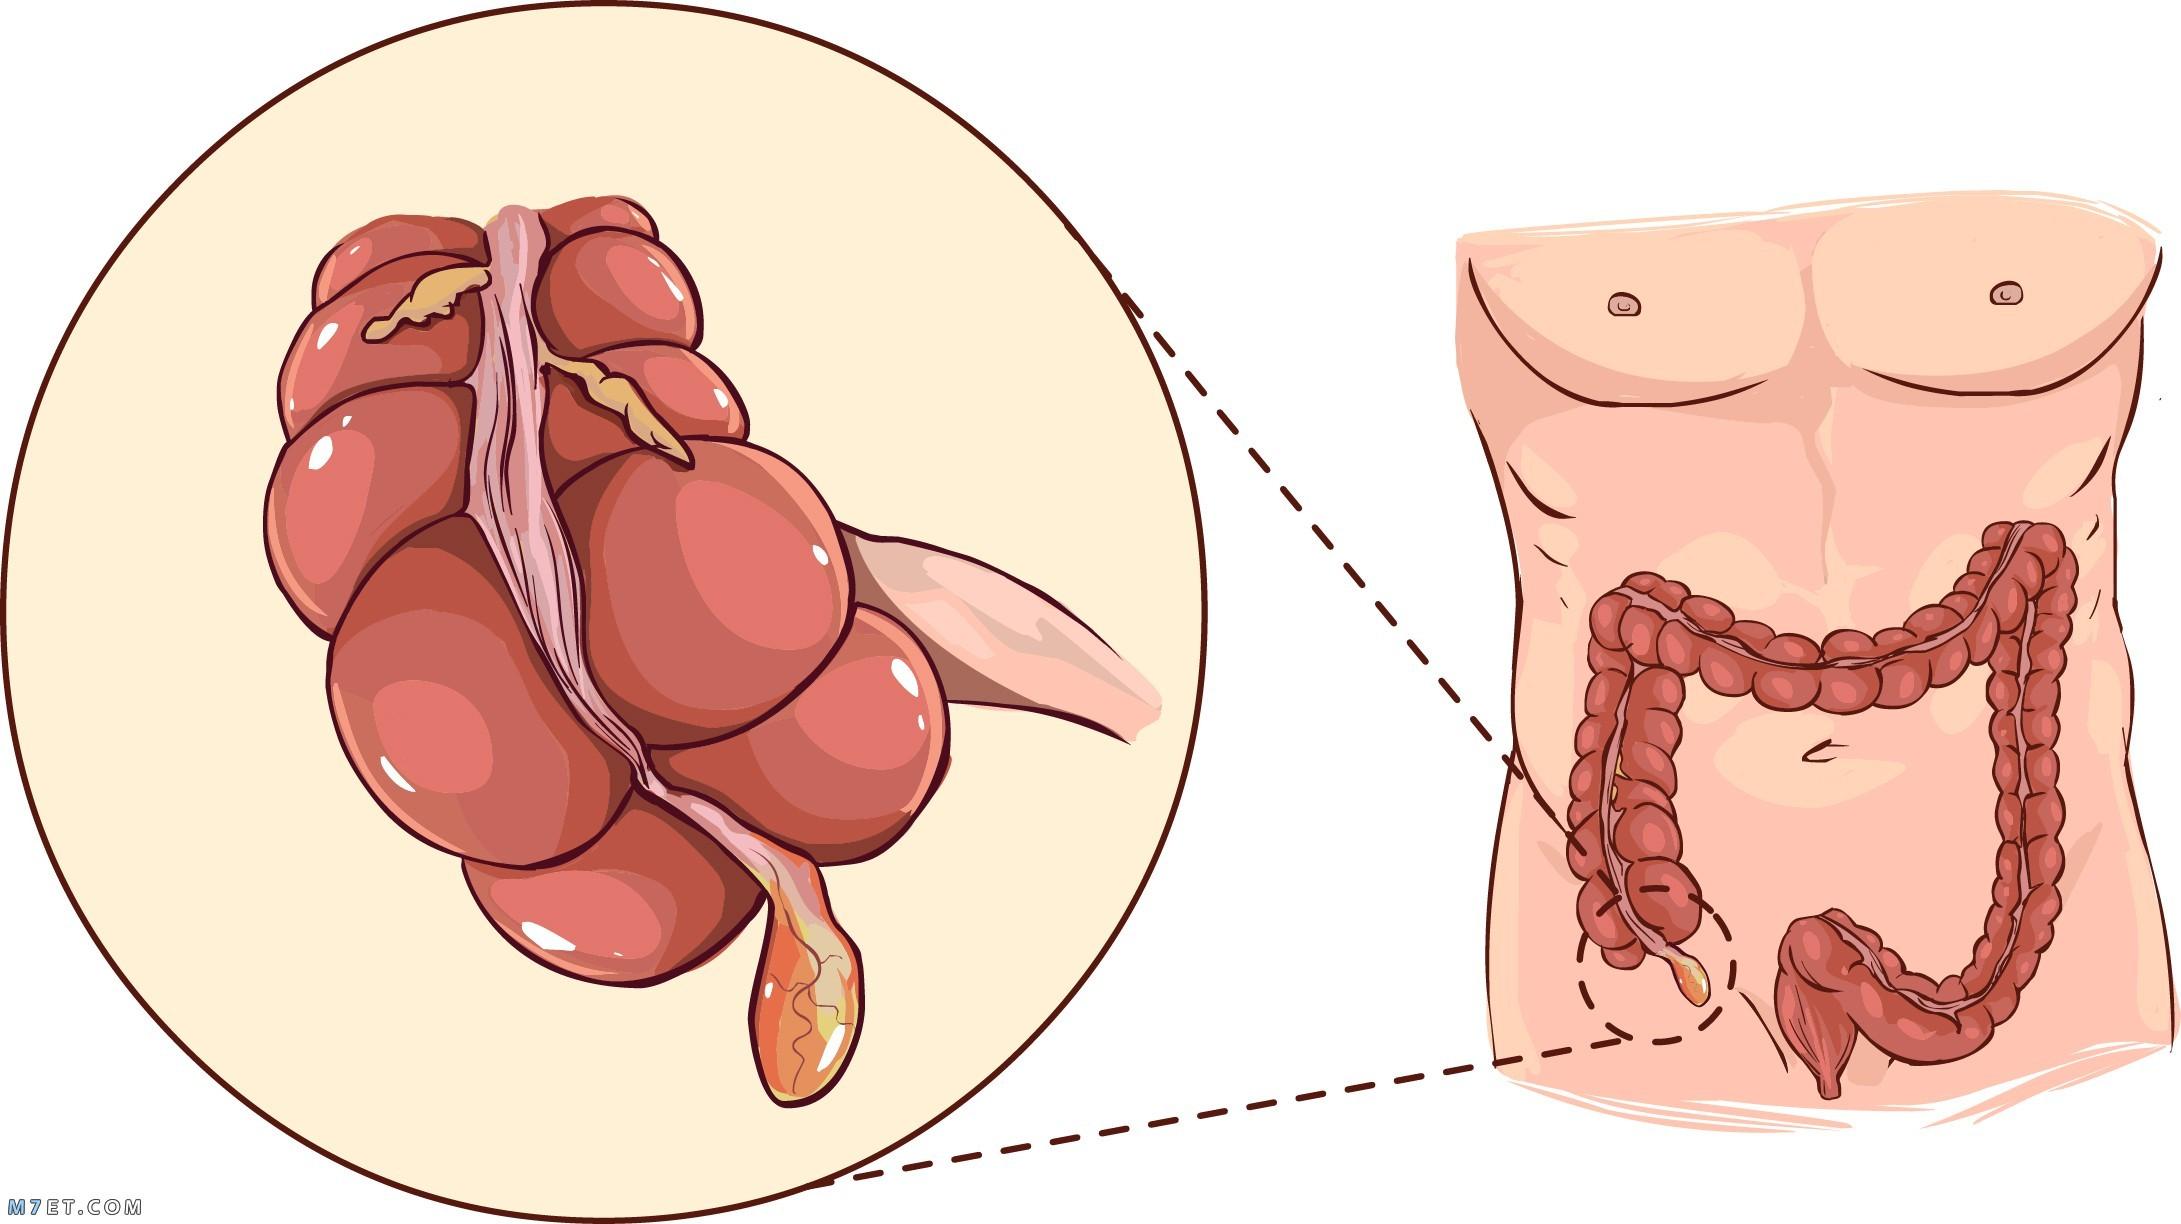 التهاب الزائدة الدودية البسيط